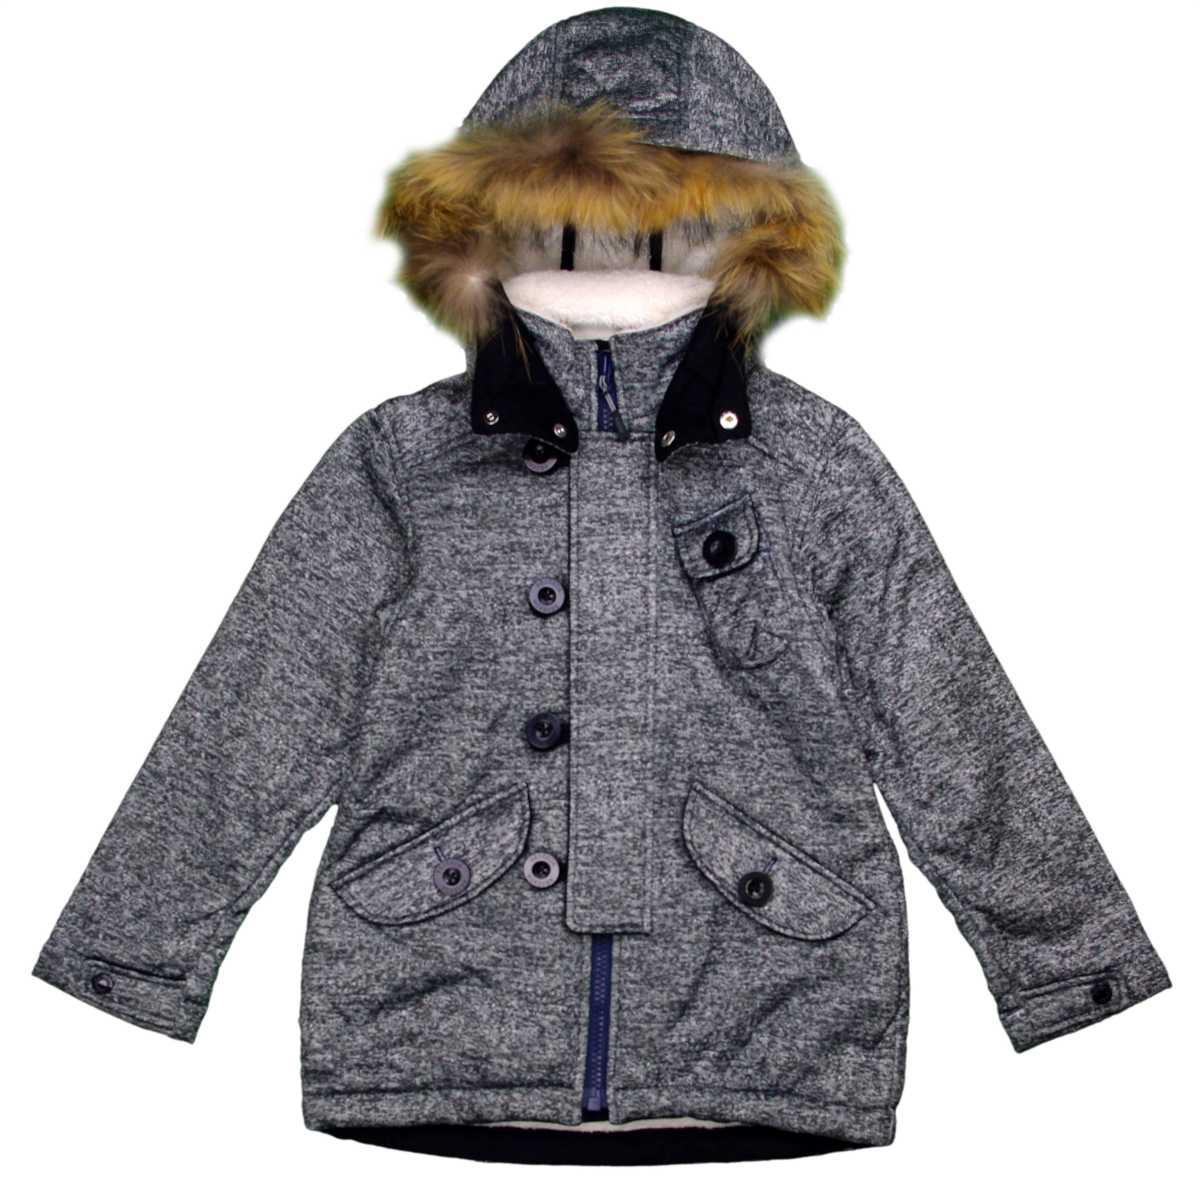 男女兼用 オンヨネ ボンディンフィールドジャケット型 裏ボア ラクーンファー付 防寒ジャケット サンプル品 (ブラック 130cm) ガールズ キッズ ジャンパー・コート 全3色